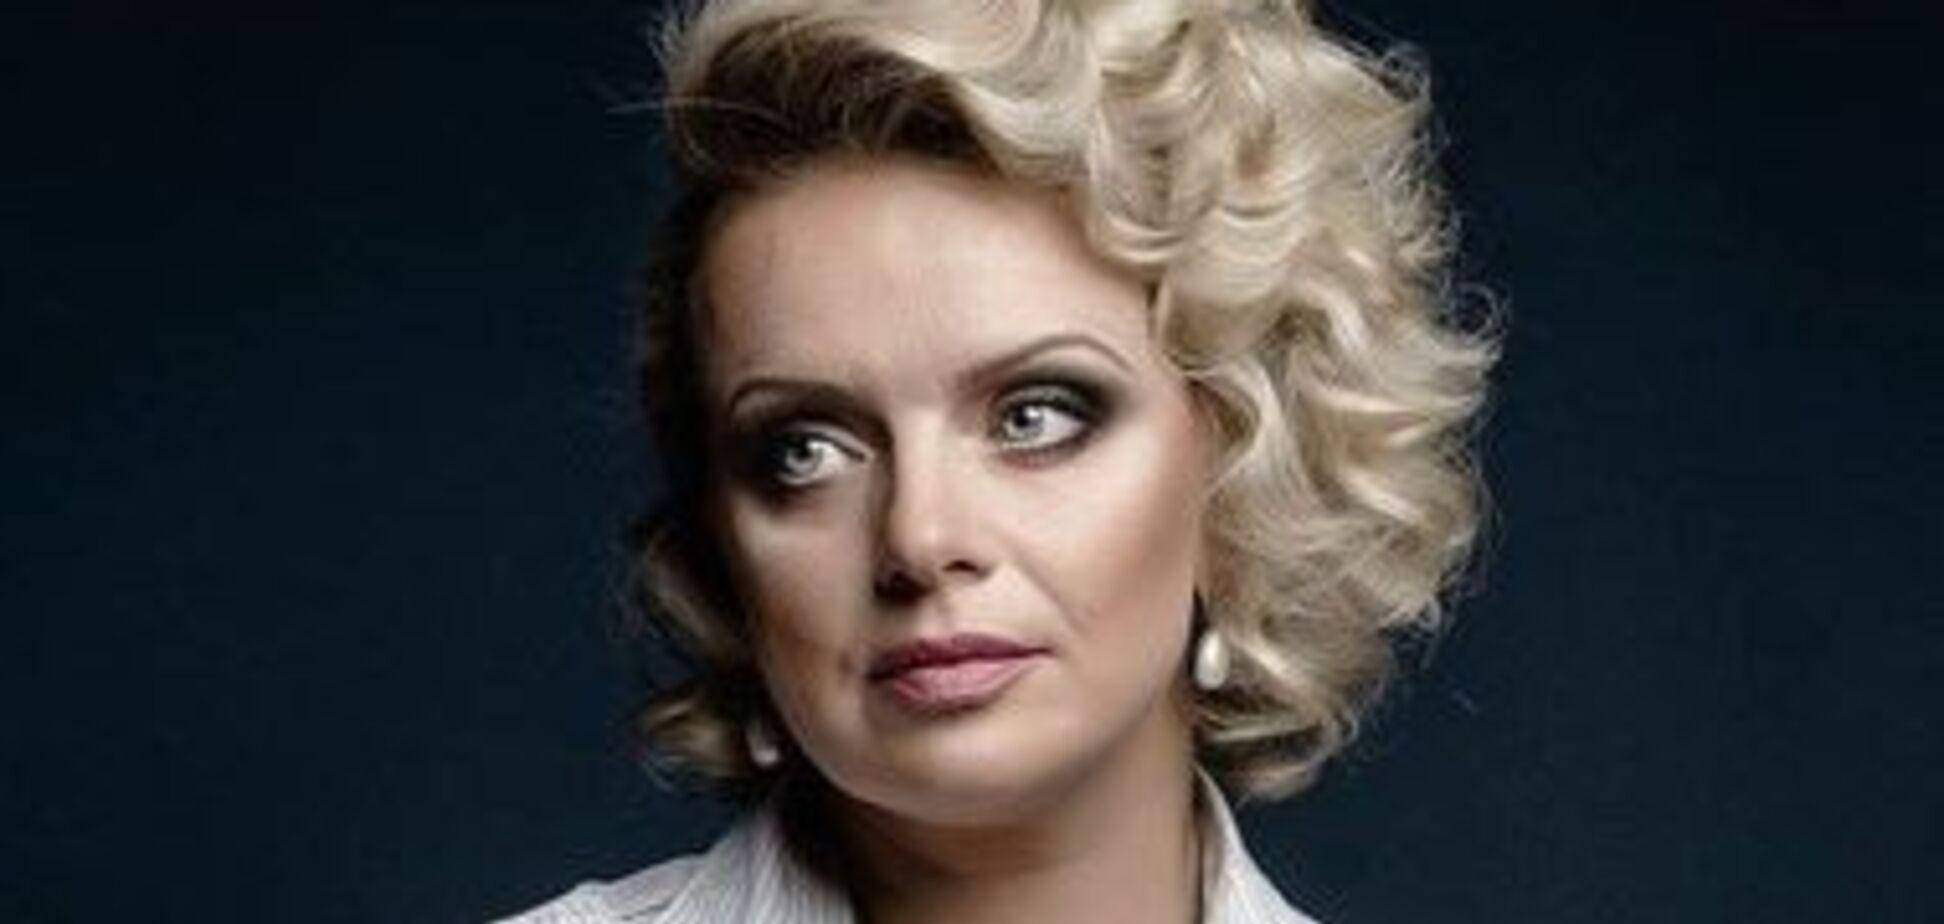 'Може коштувати життя!' Українська актриса зробила попередження перед виборами